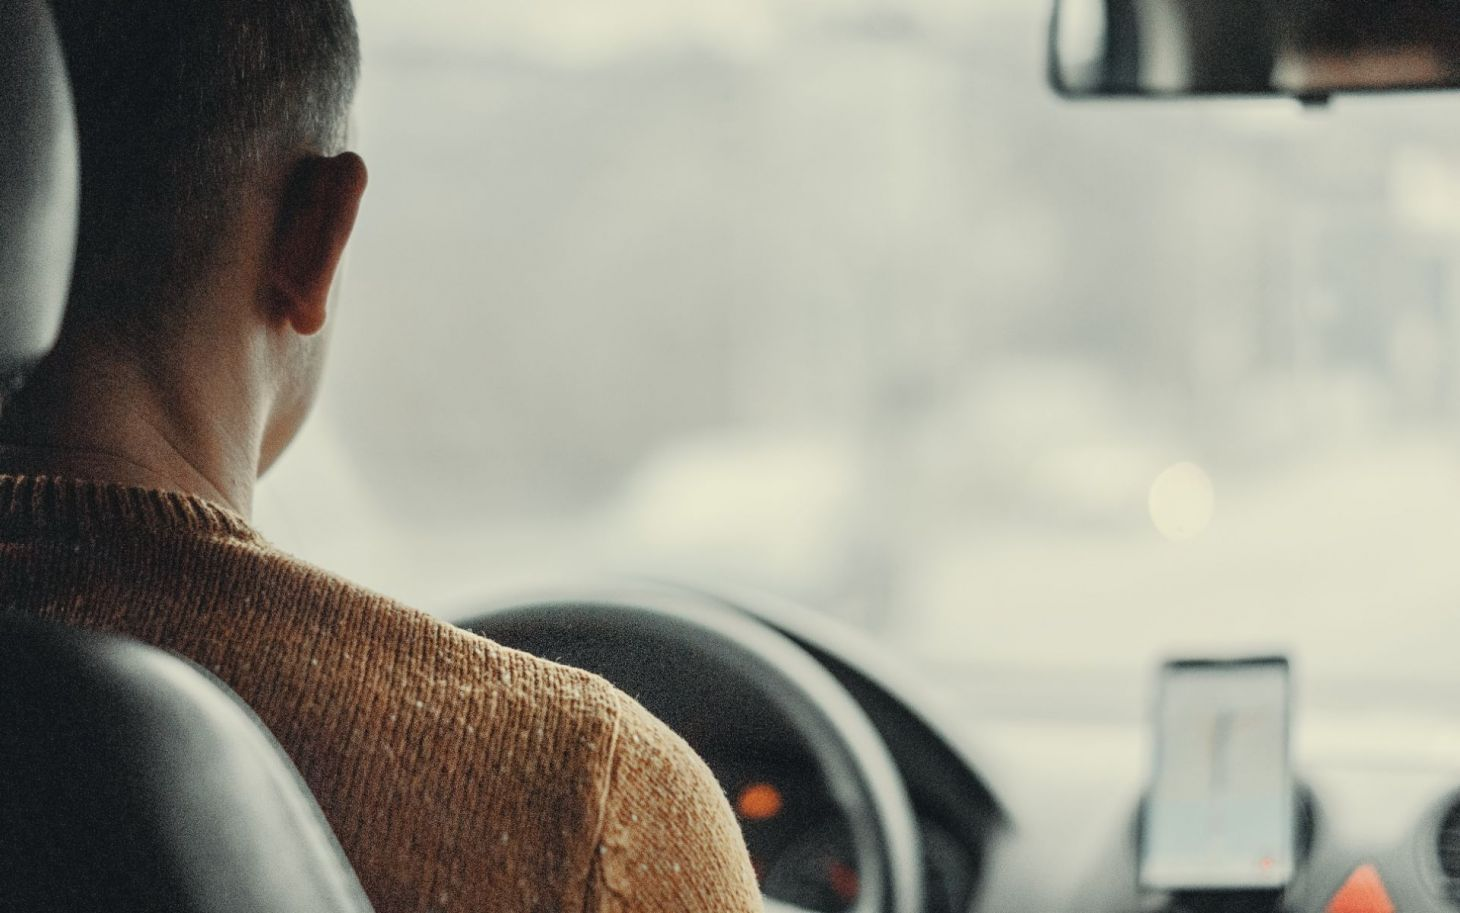 motorista de aplicativo homem com camisa amarela dirigindo veiculo victor xok unsplash